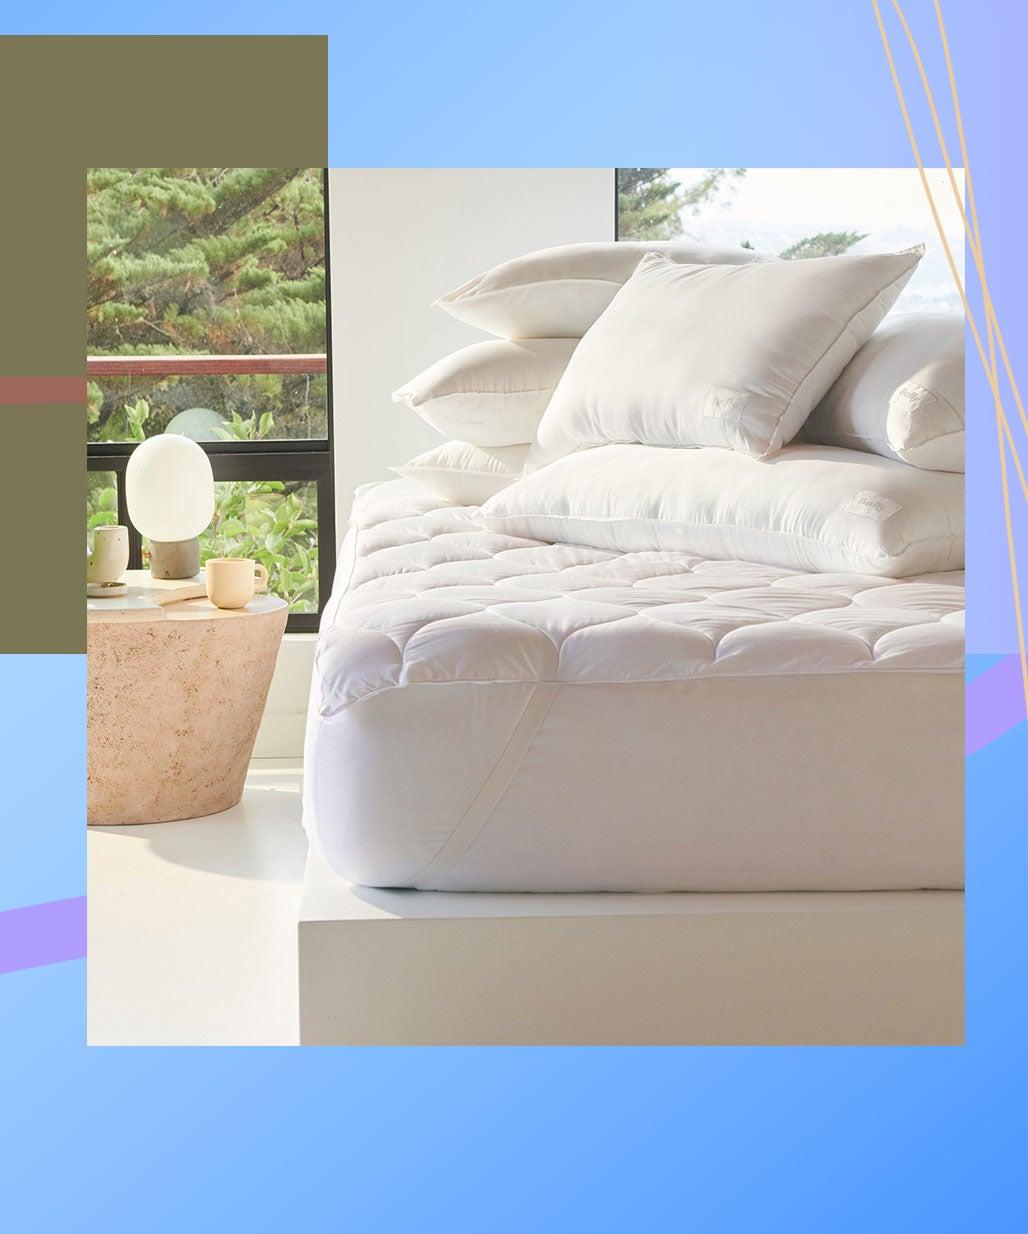 bbest mattress topper highest customer